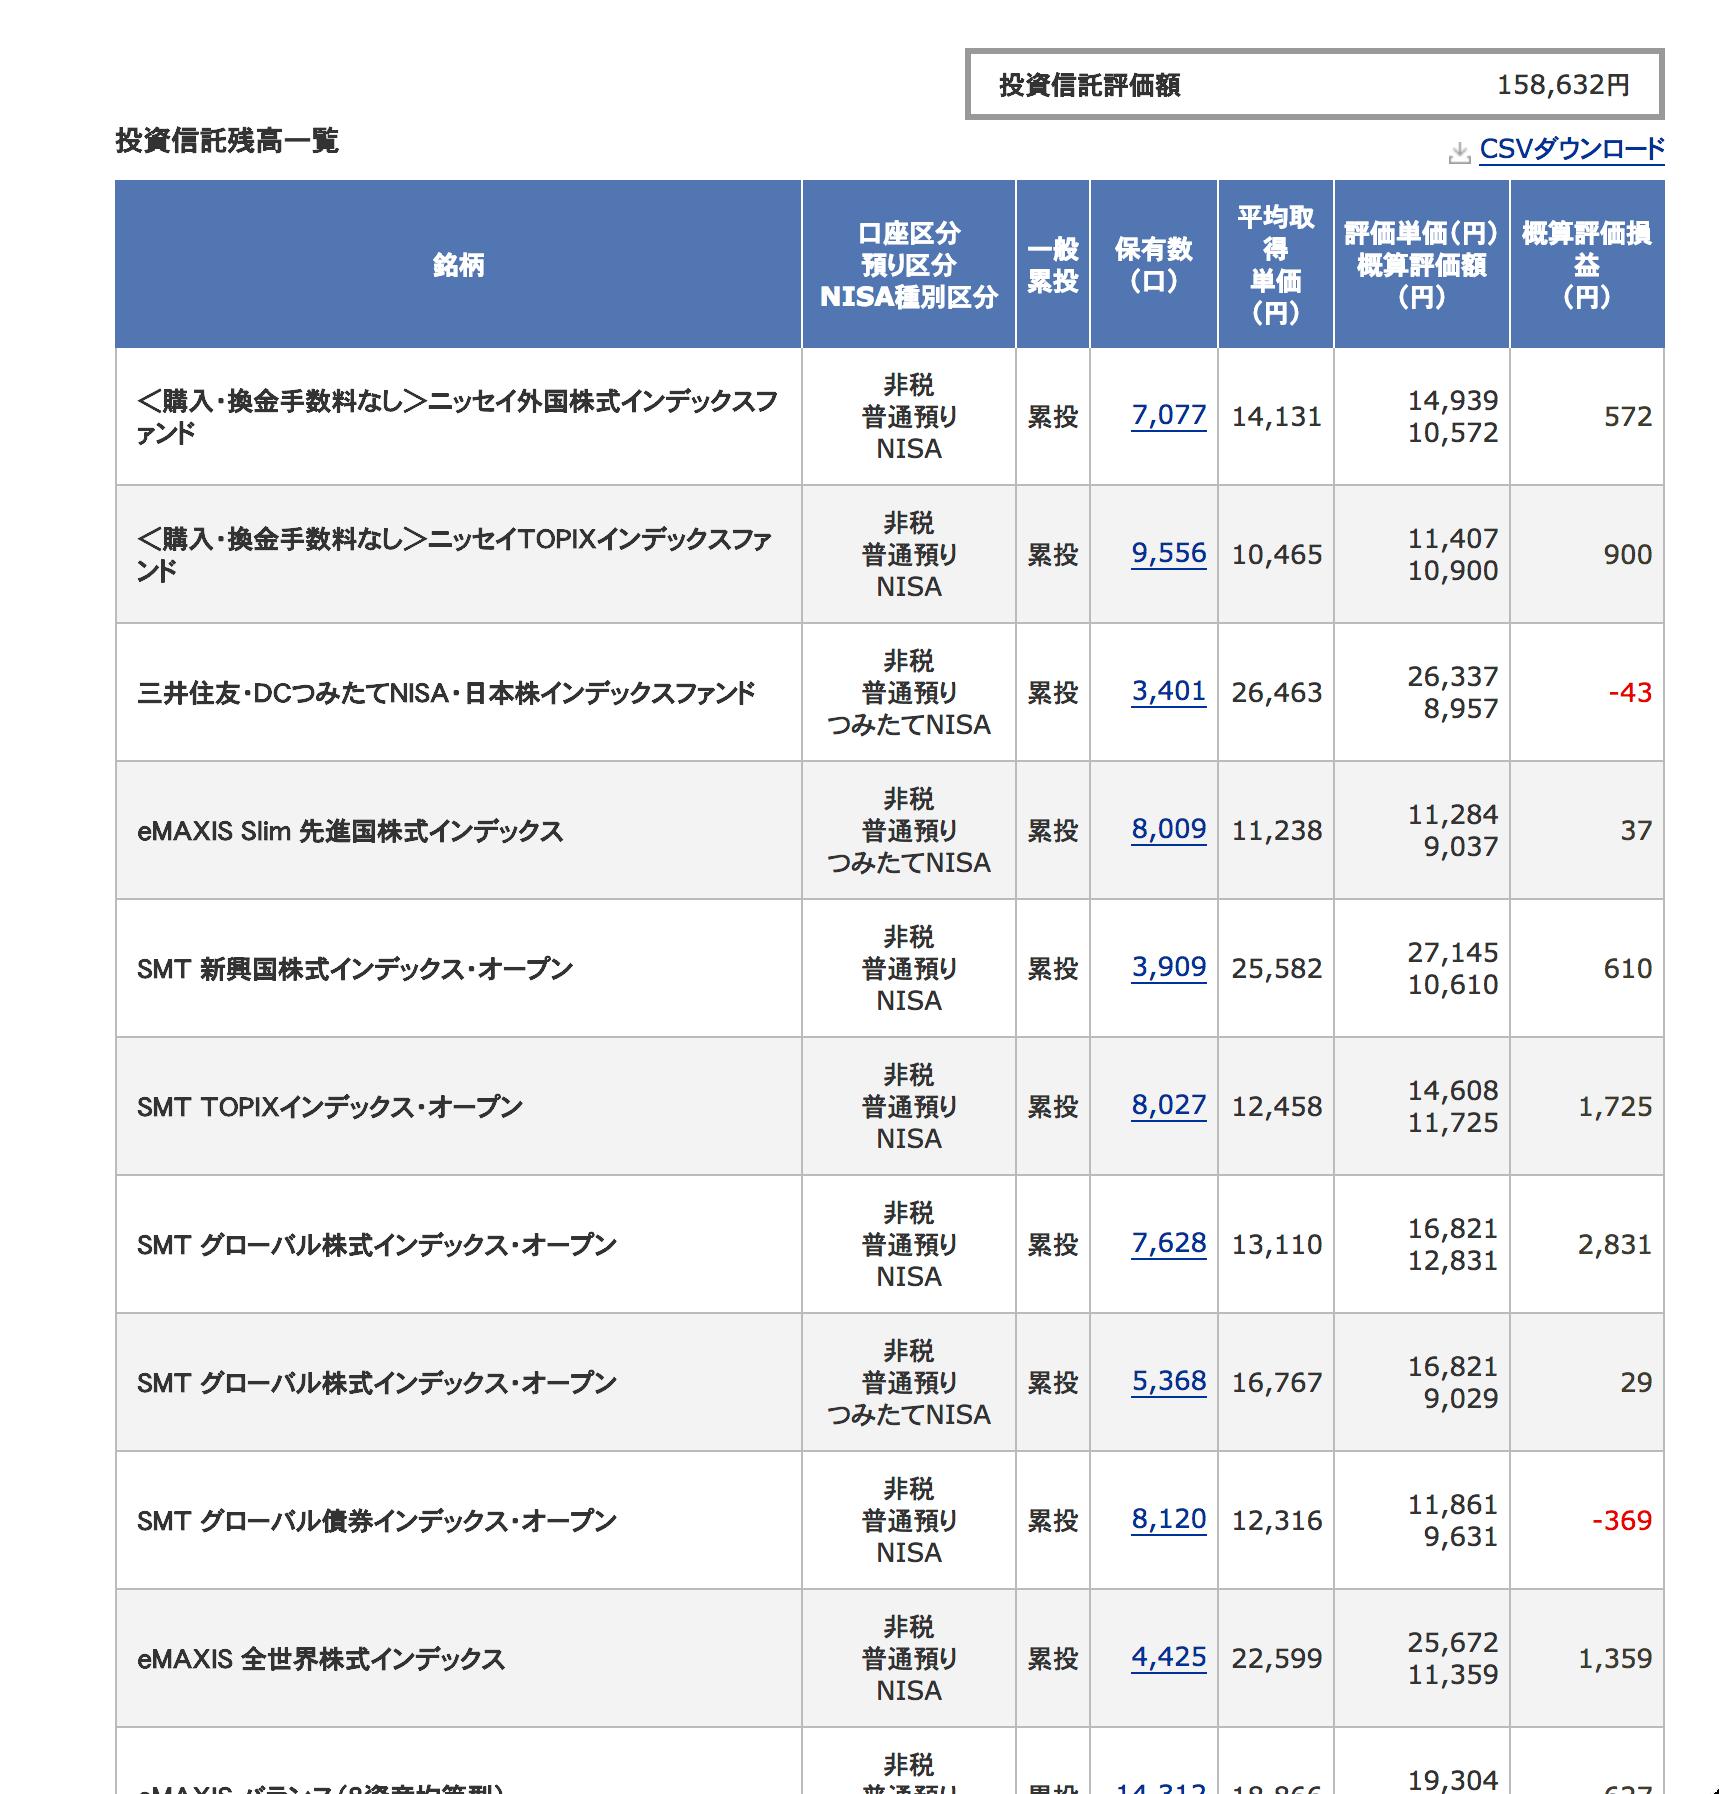 投資信託結果2018年5月